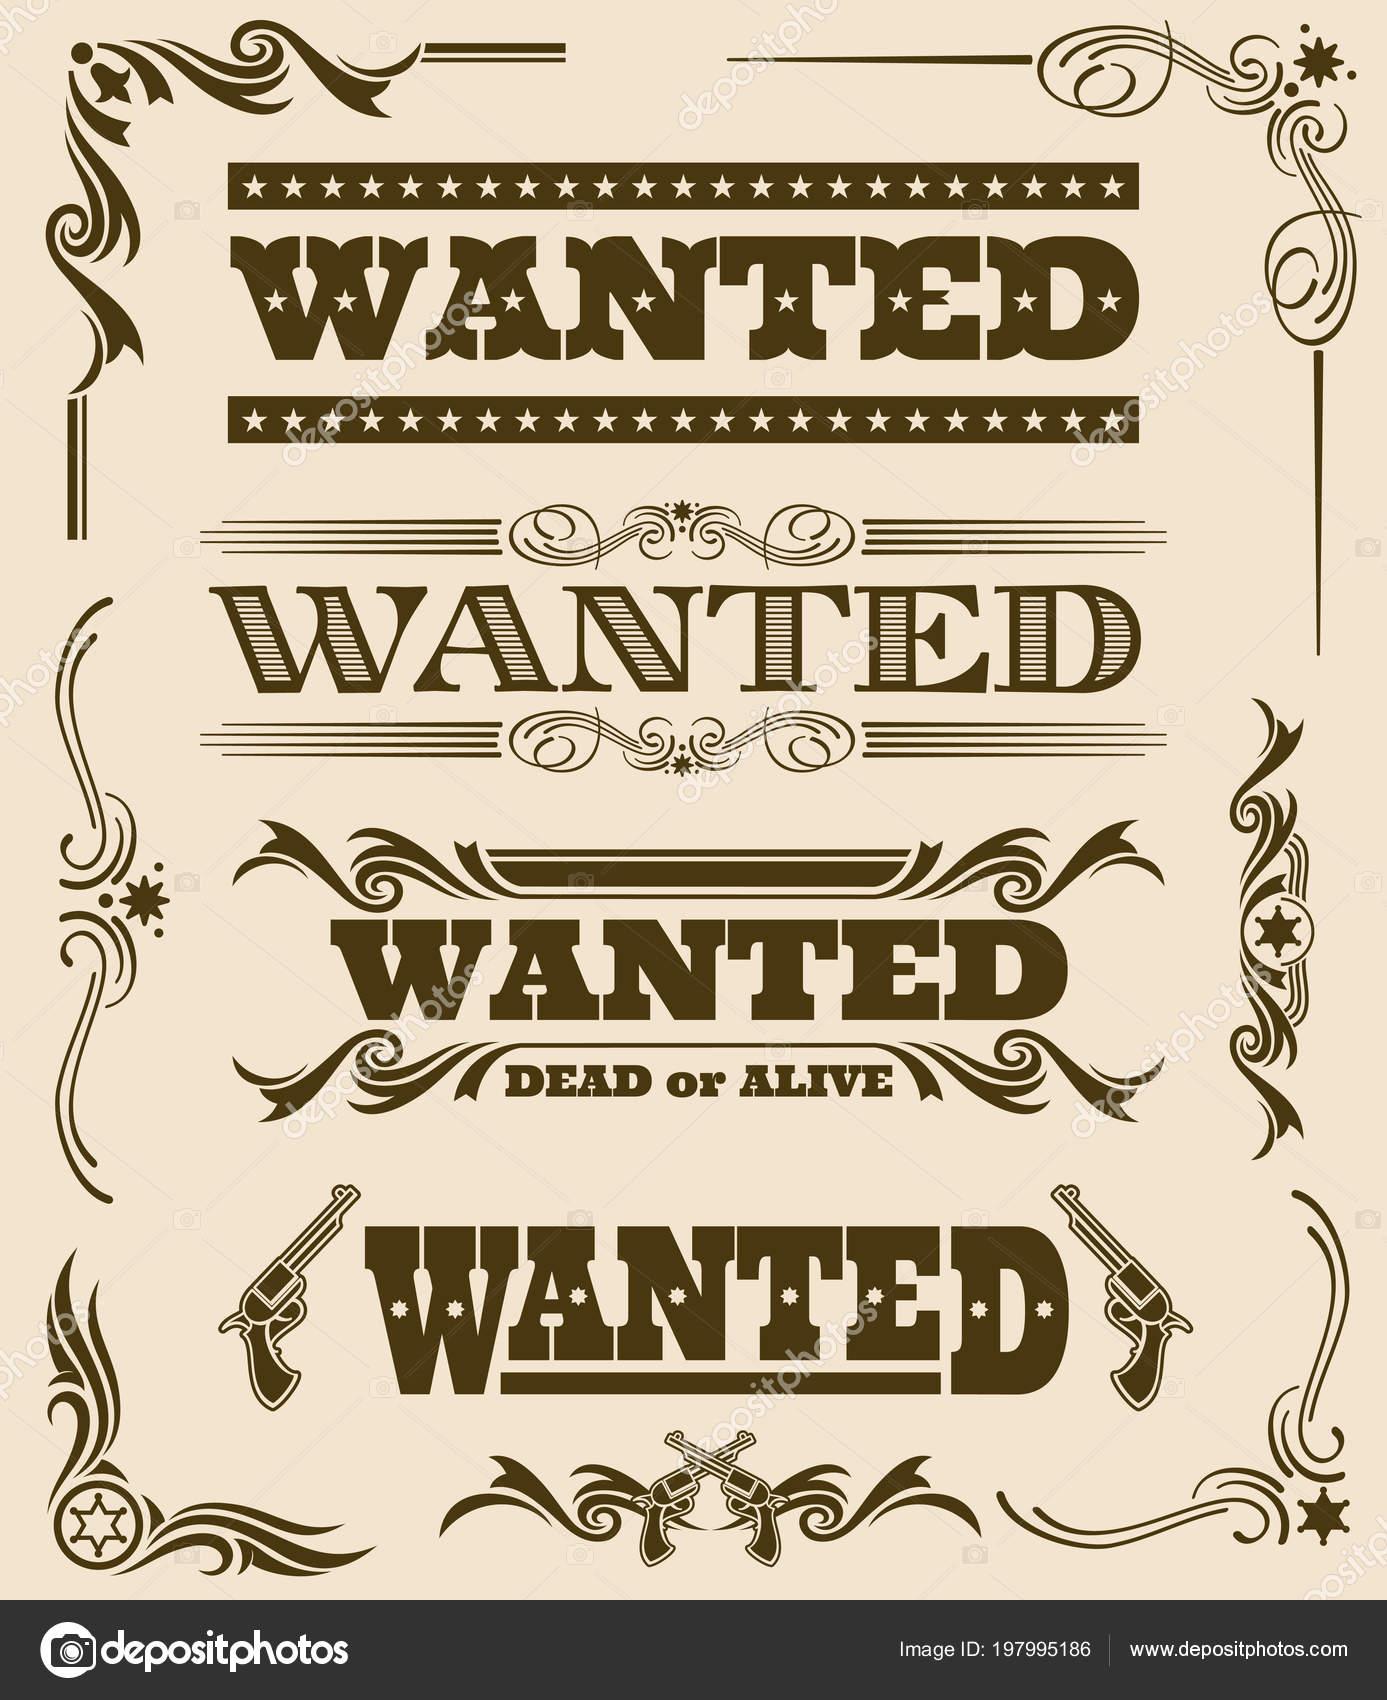 Vintage querido muerto o vivo cartel occidental vector marco adorno ...